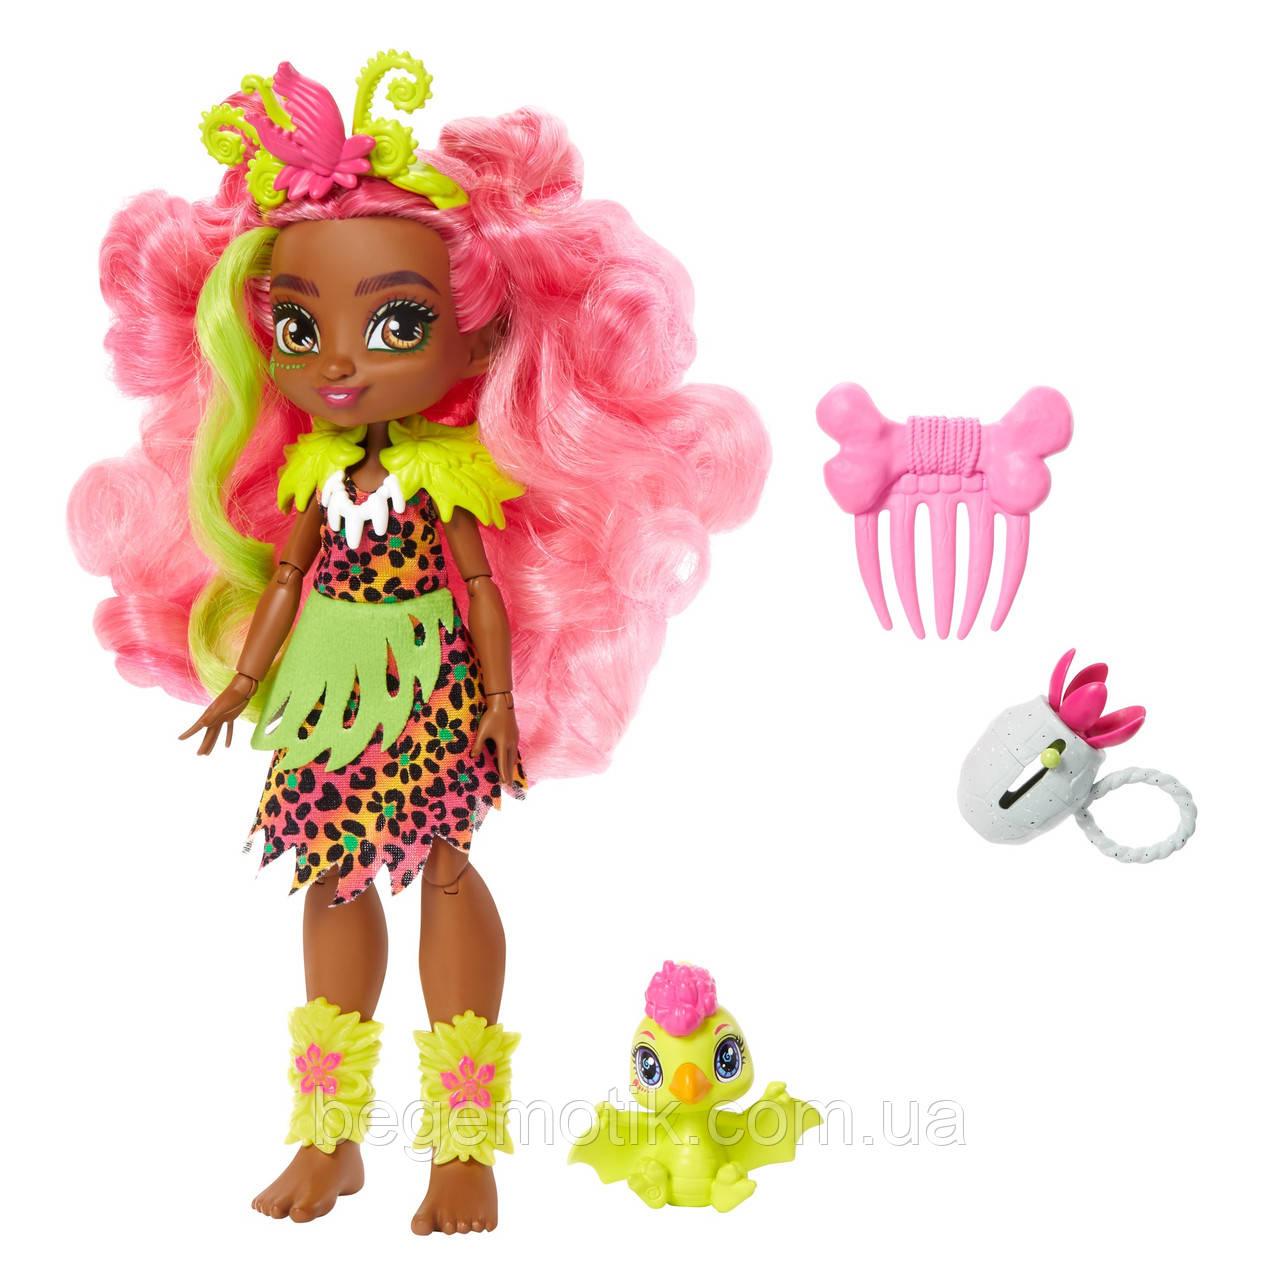 Cave Club Кукла Фернесса и питомец птеродактиль Птилли Пещерный клуб Cave Club Fernessa Doll